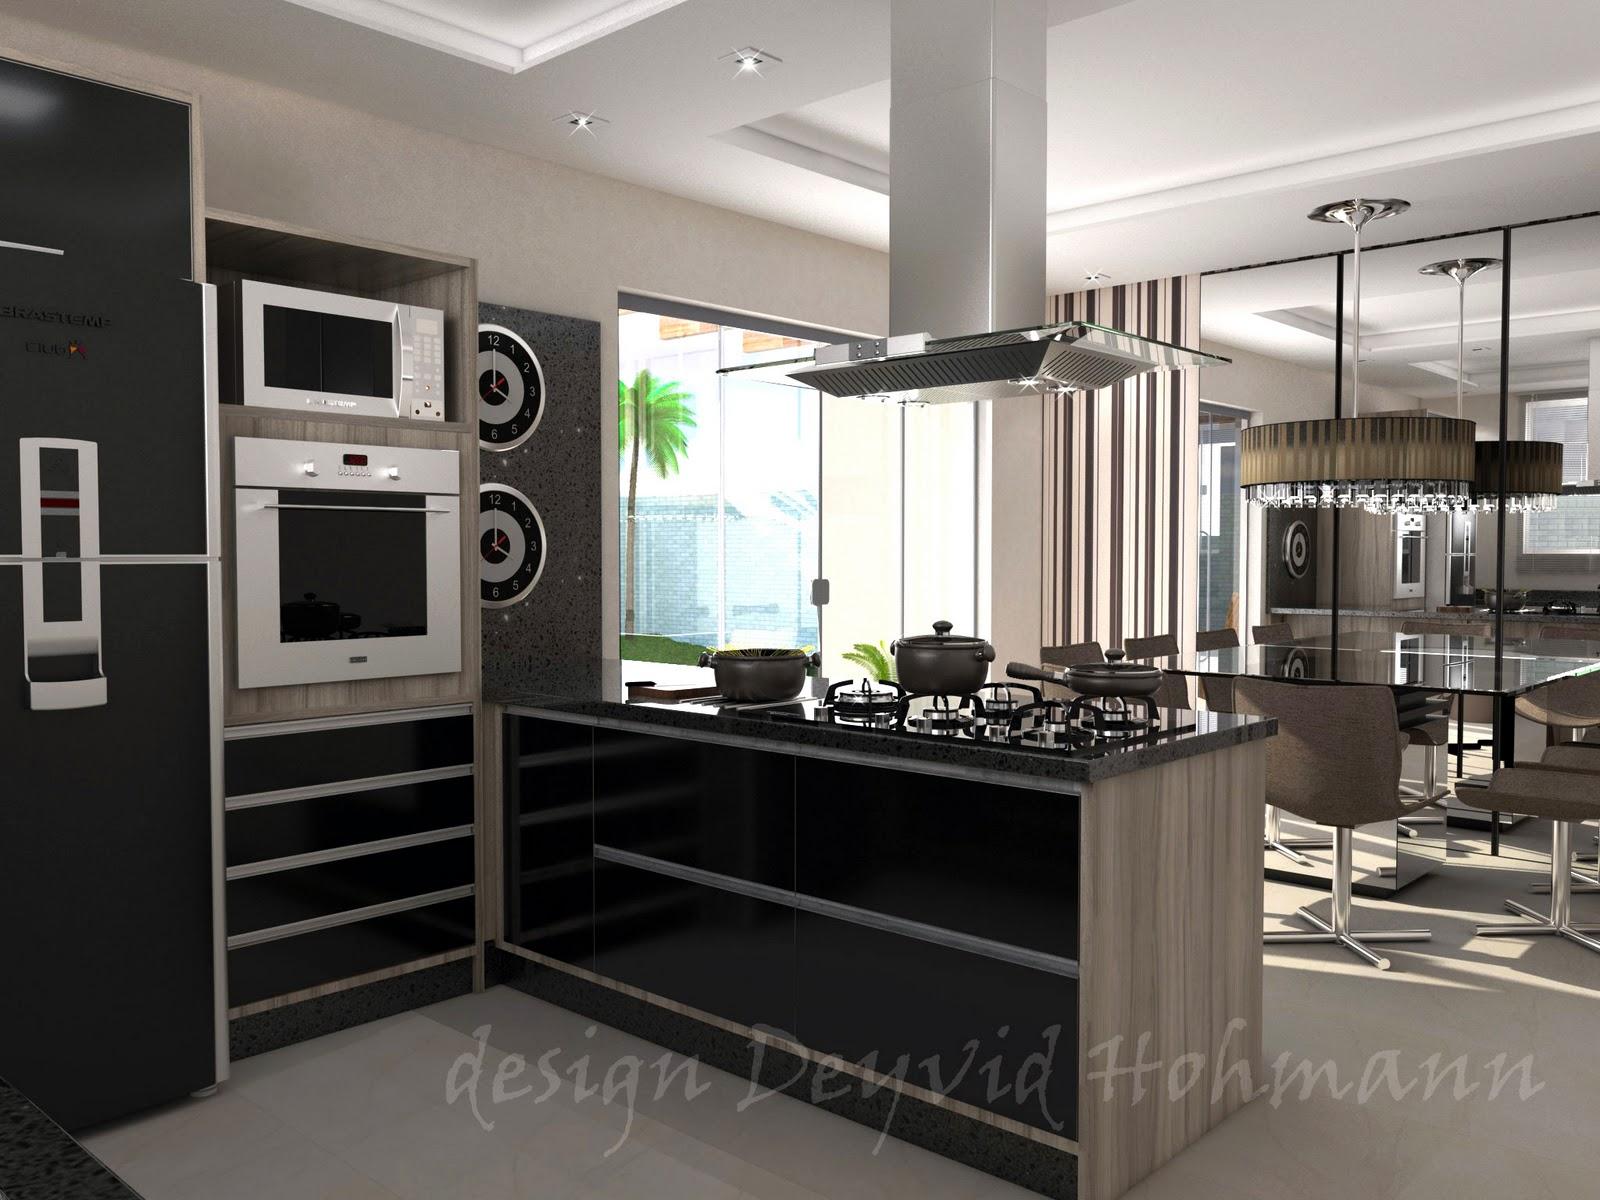 Deyvid Hohmann: Ambiente Conjugado cozinha e sala de jantar. #519239 1600 1200